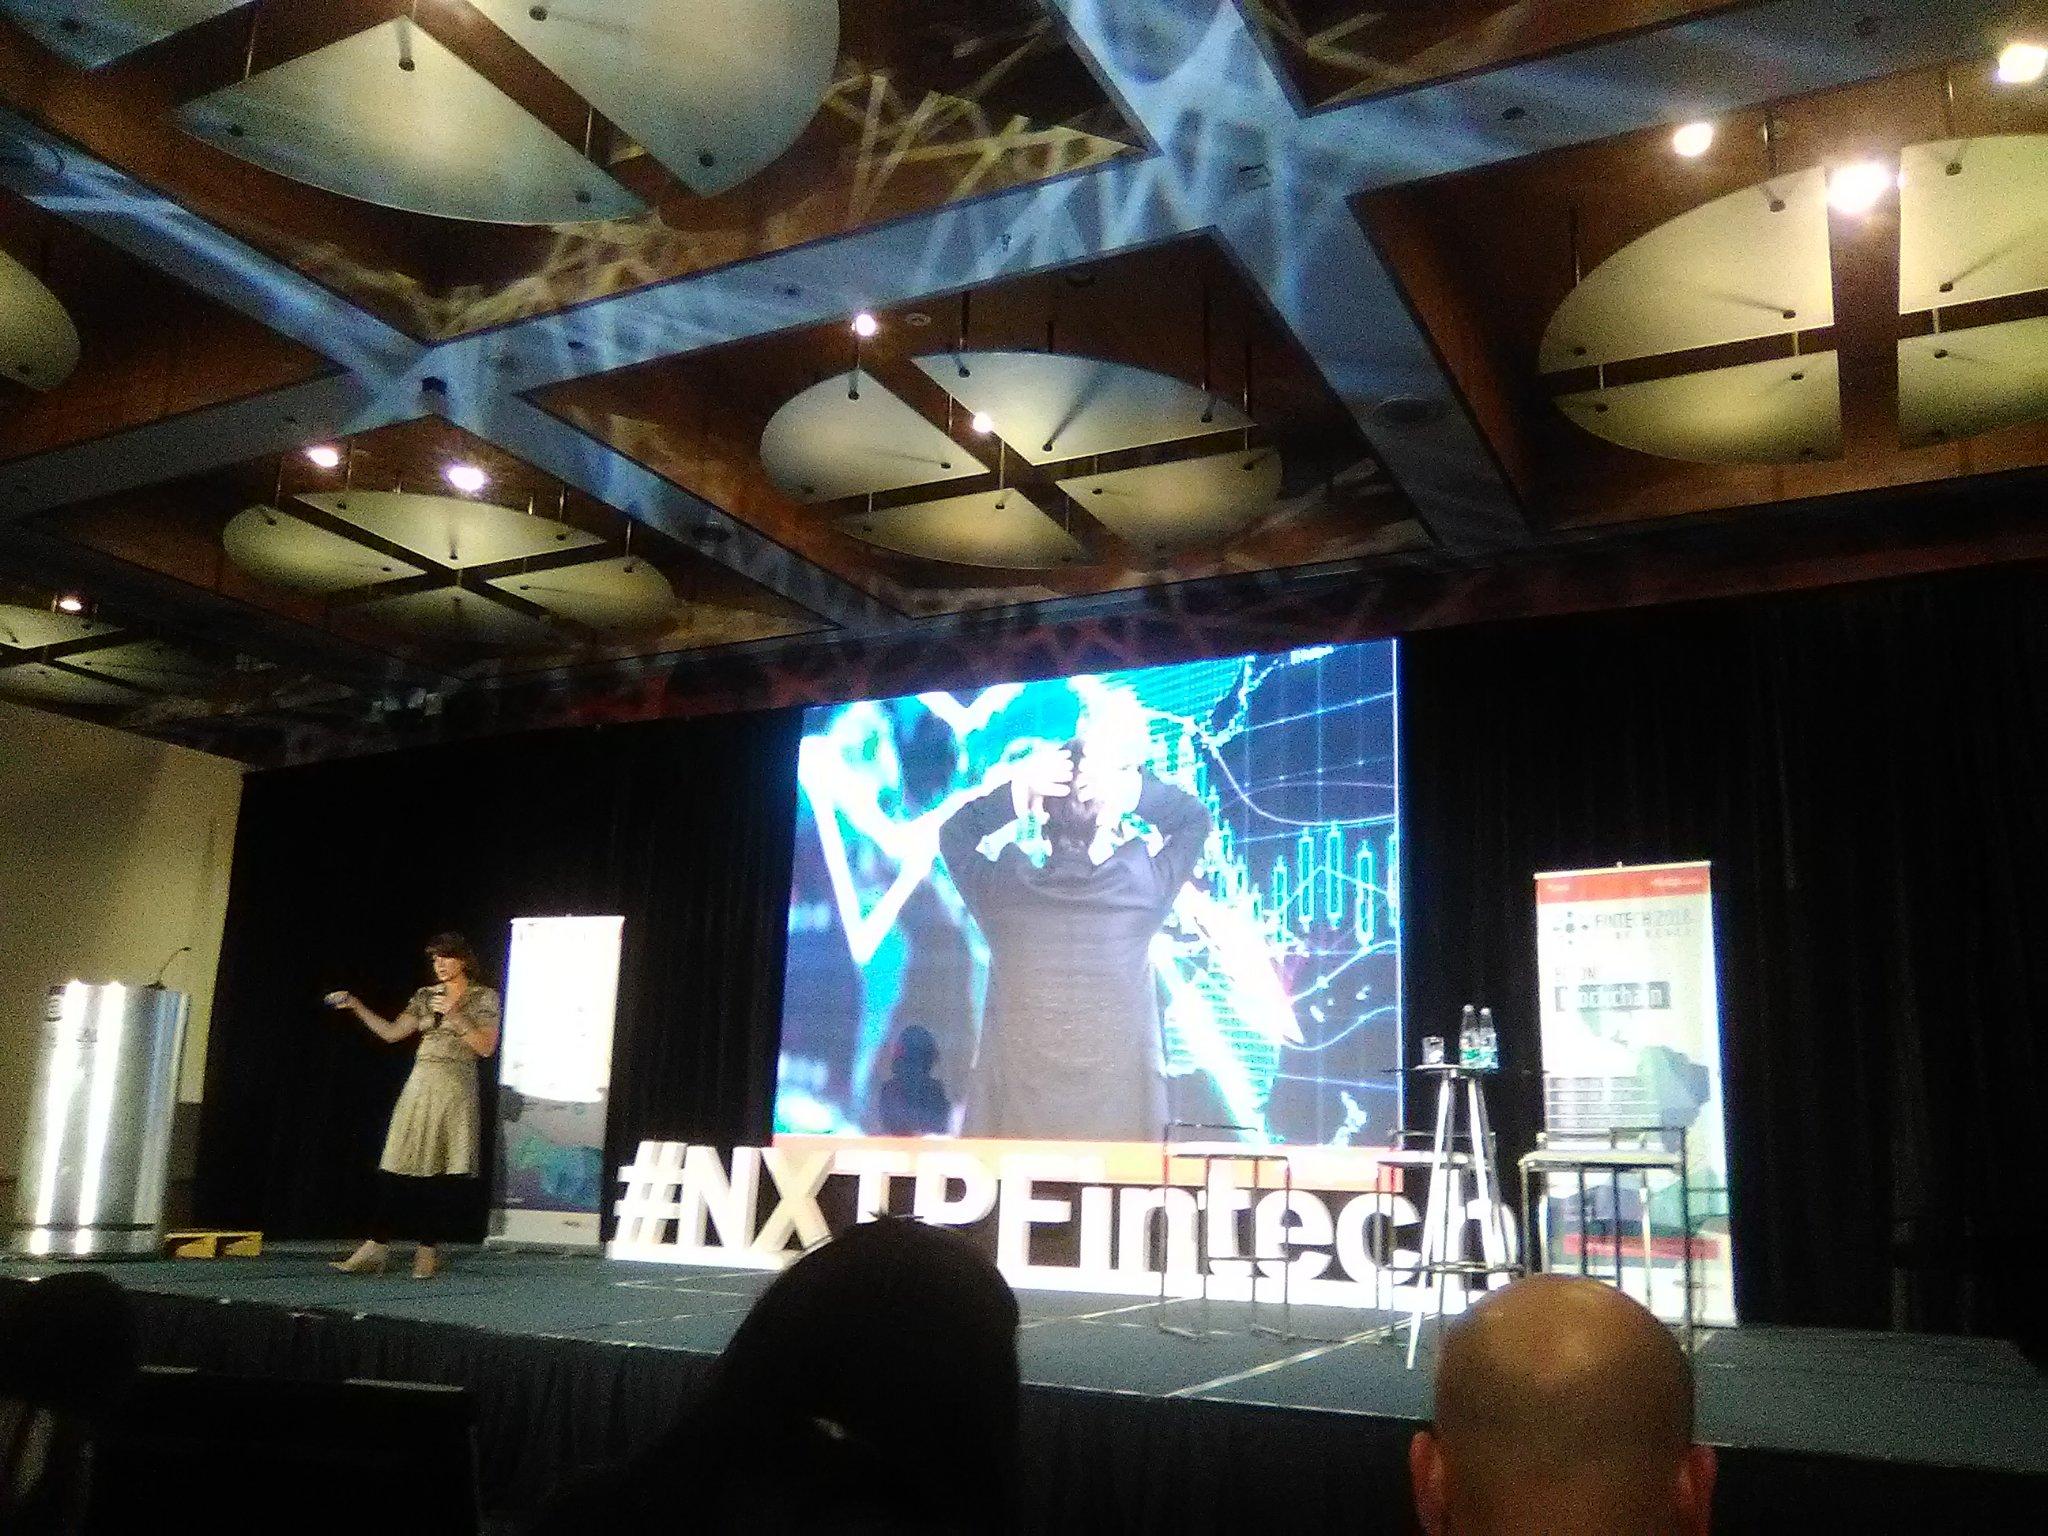 nxtp-nxtpfintech-fintech conference-mexico-criptoactivos